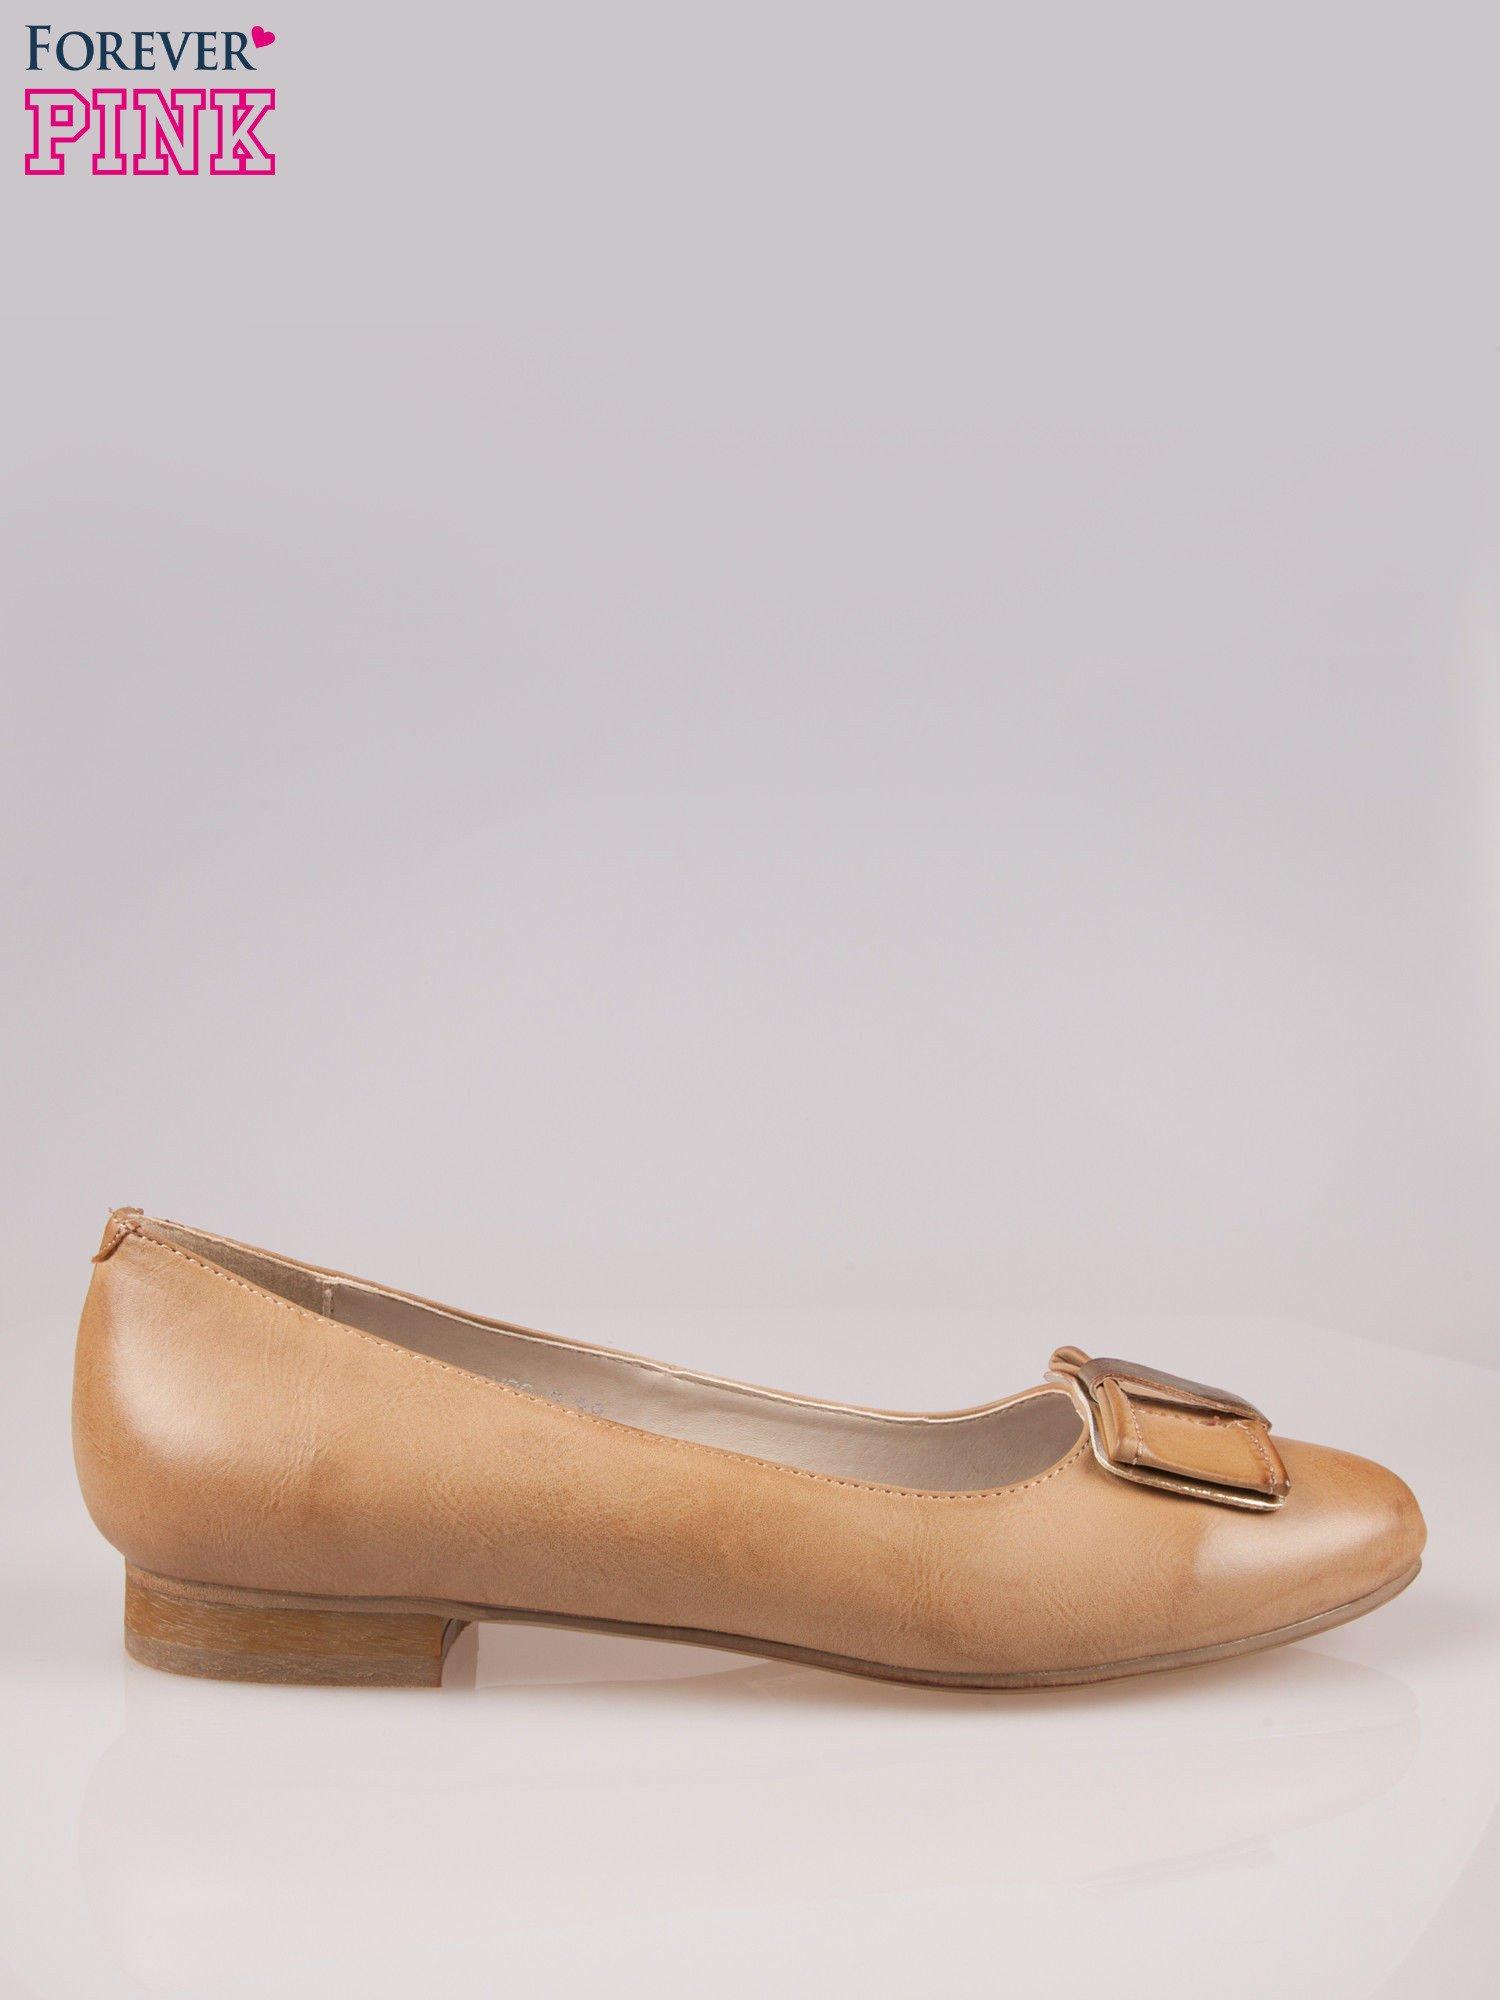 Beżowe baleriny faux leather Sophie ze złotą kokardą                                  zdj.                                  1